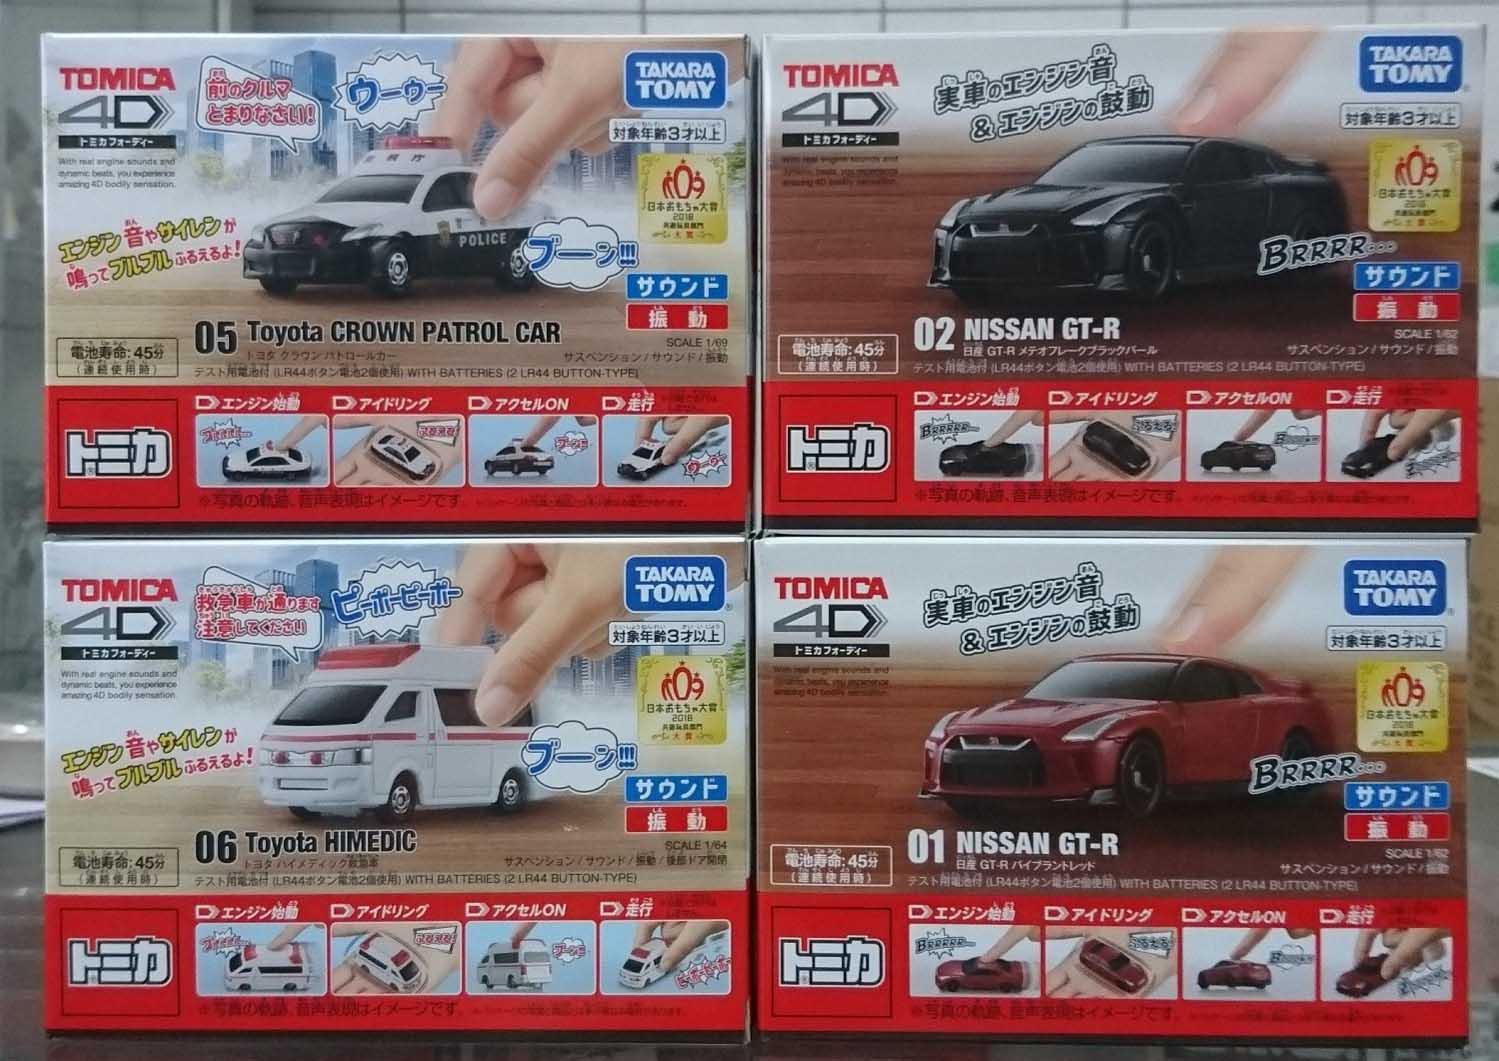 多美小汽車 新系列 TOMICA 4D,益祥模型玩具 外盒實際拍攝照片。